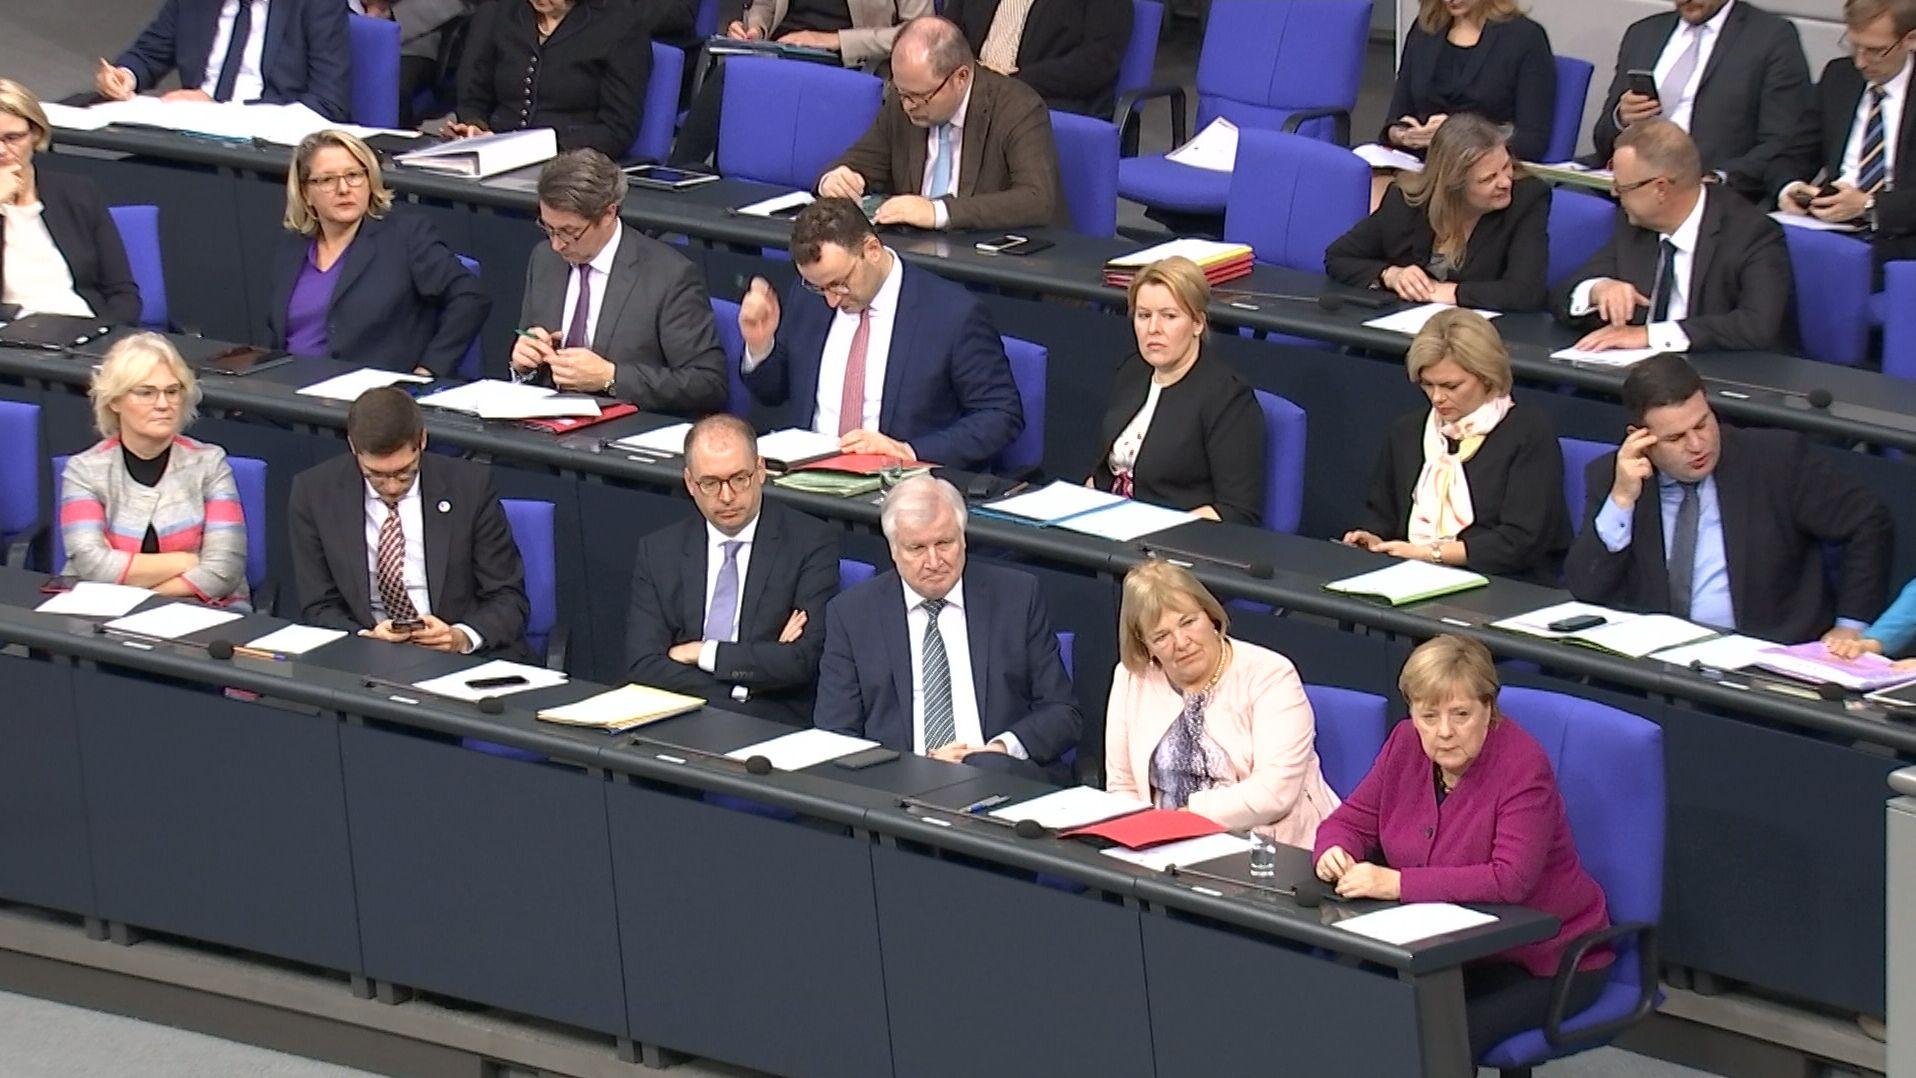 Zum 30. Jahrestag des Mauerfalls haben die Abgeordneten im Bundestag an den friedlichen Verlauf des Umbruchs 1989 erinnert.